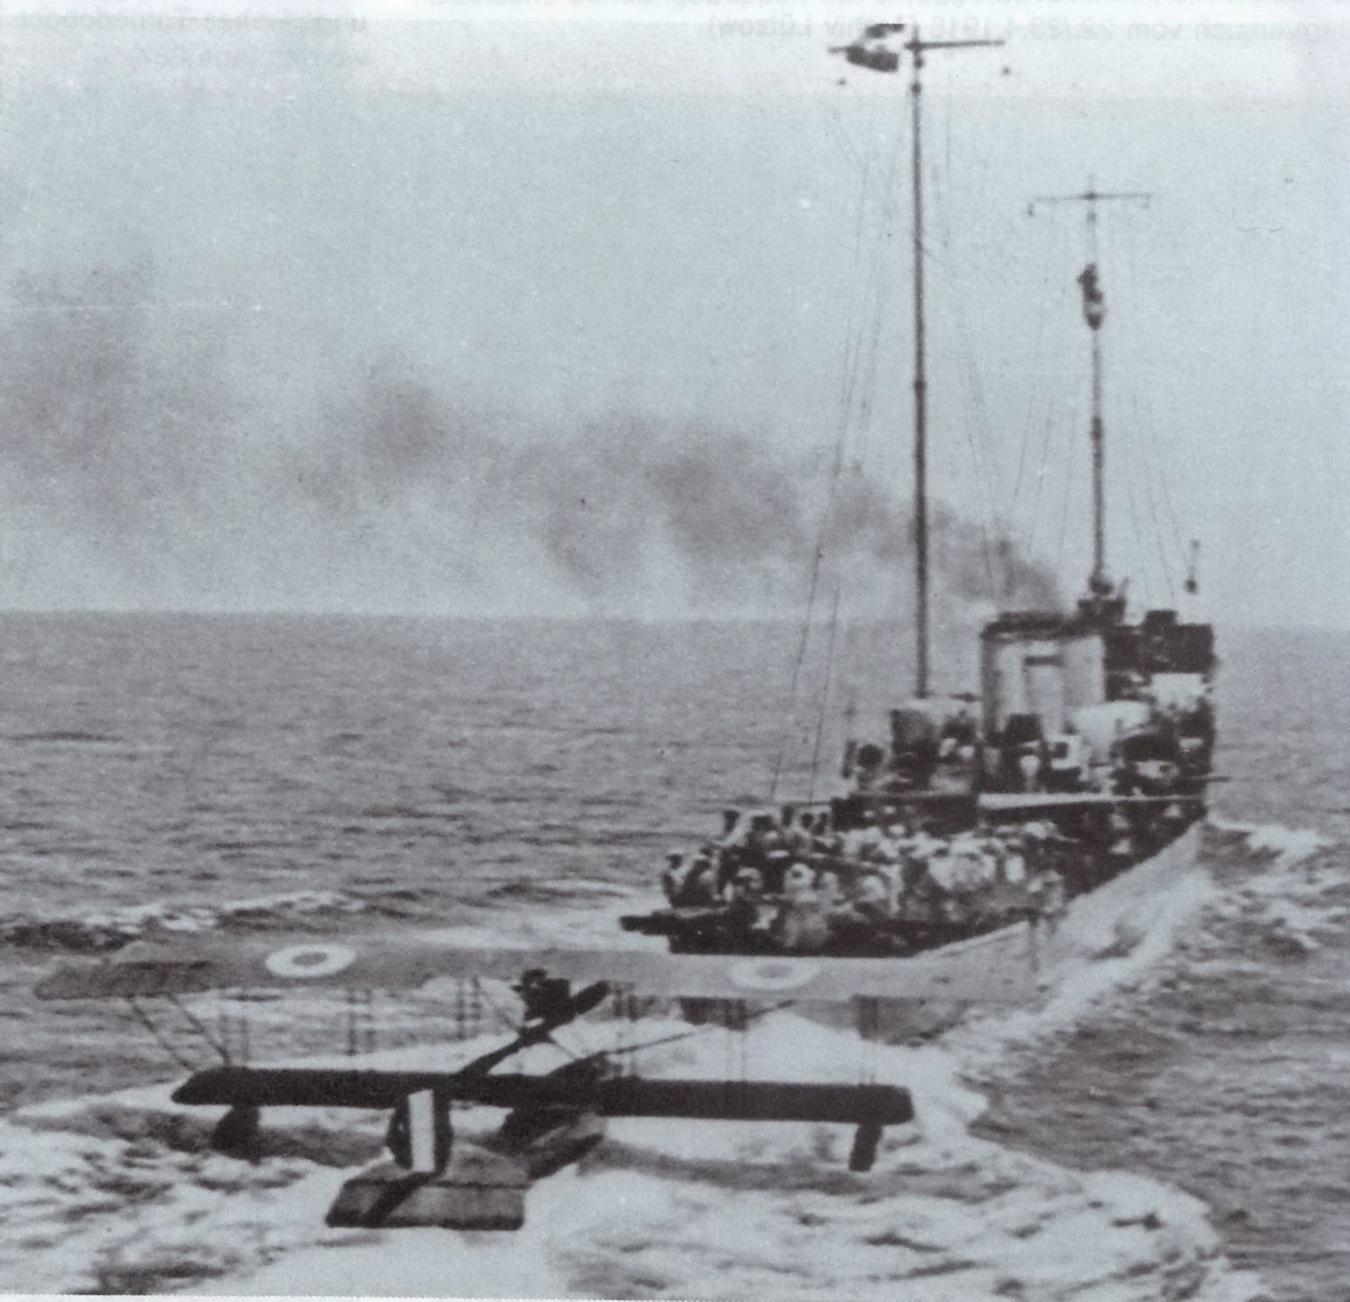 IMG_24010515 Der osterreich-ungarisches Zerstorer Uzsok schleppt ein erbeutetes italienisches Seeflugzeug.JPG